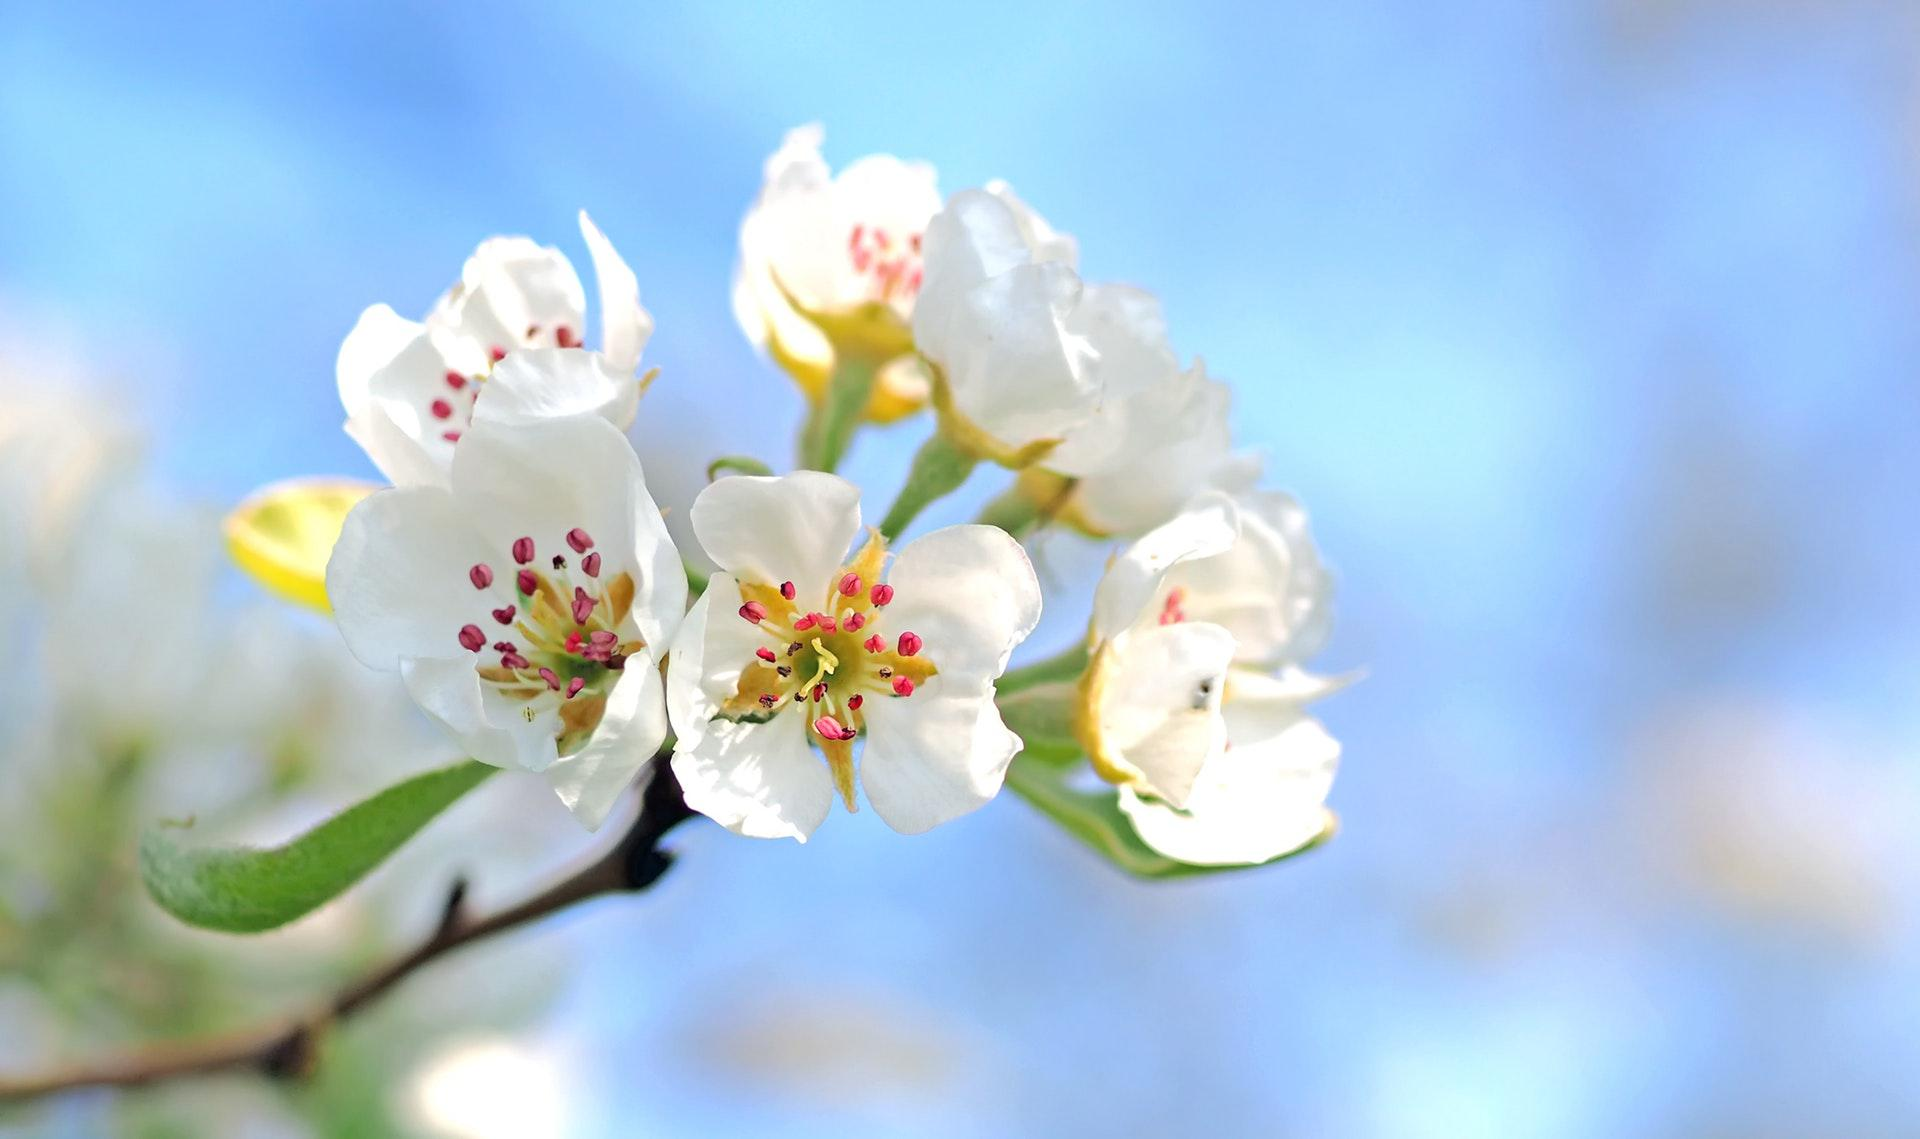 عکس زمینه شکوفه های سفید بهاری پس زمینه